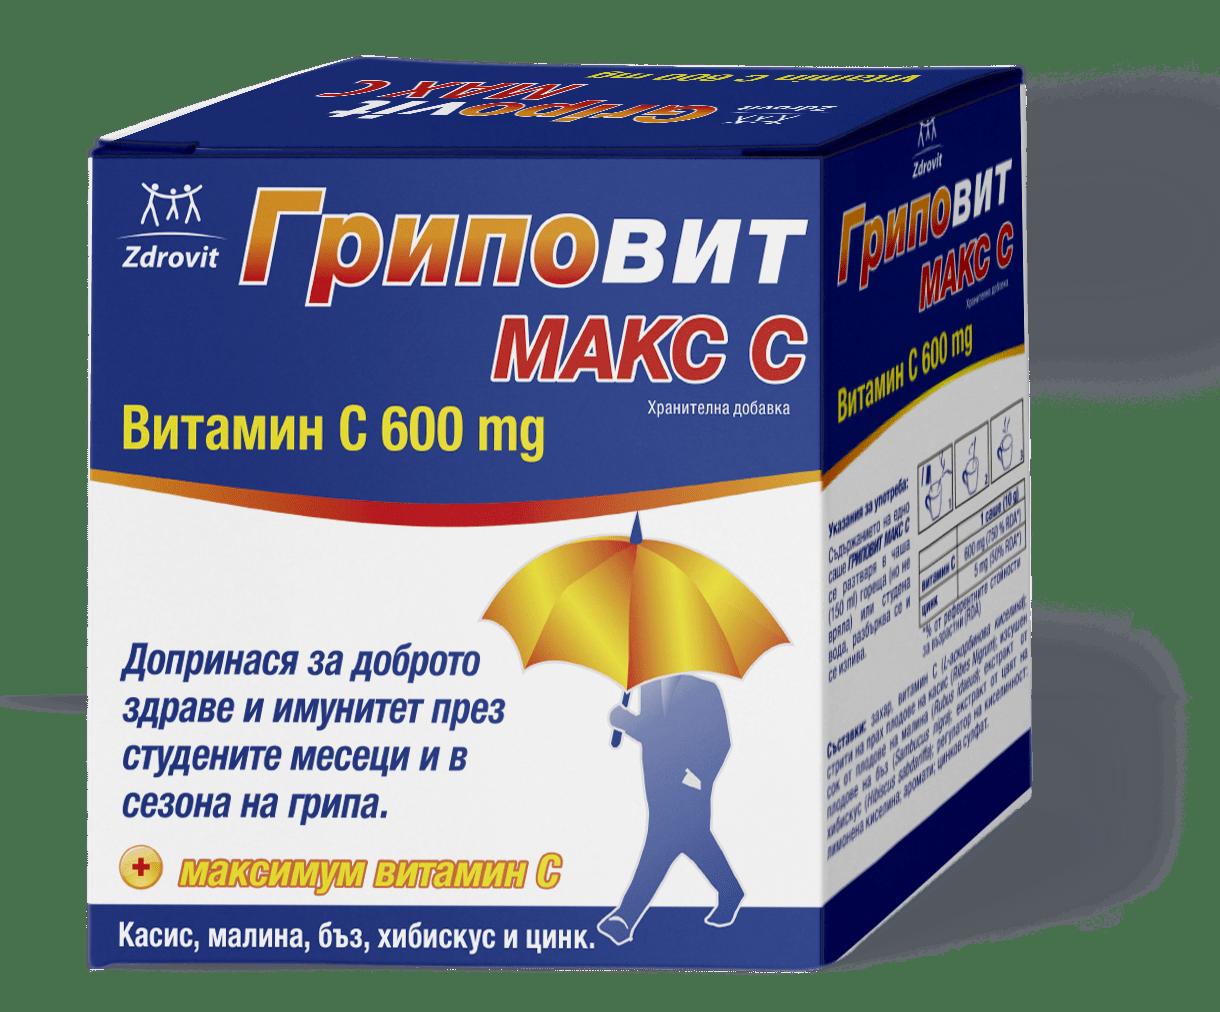 Гриповит Макс С